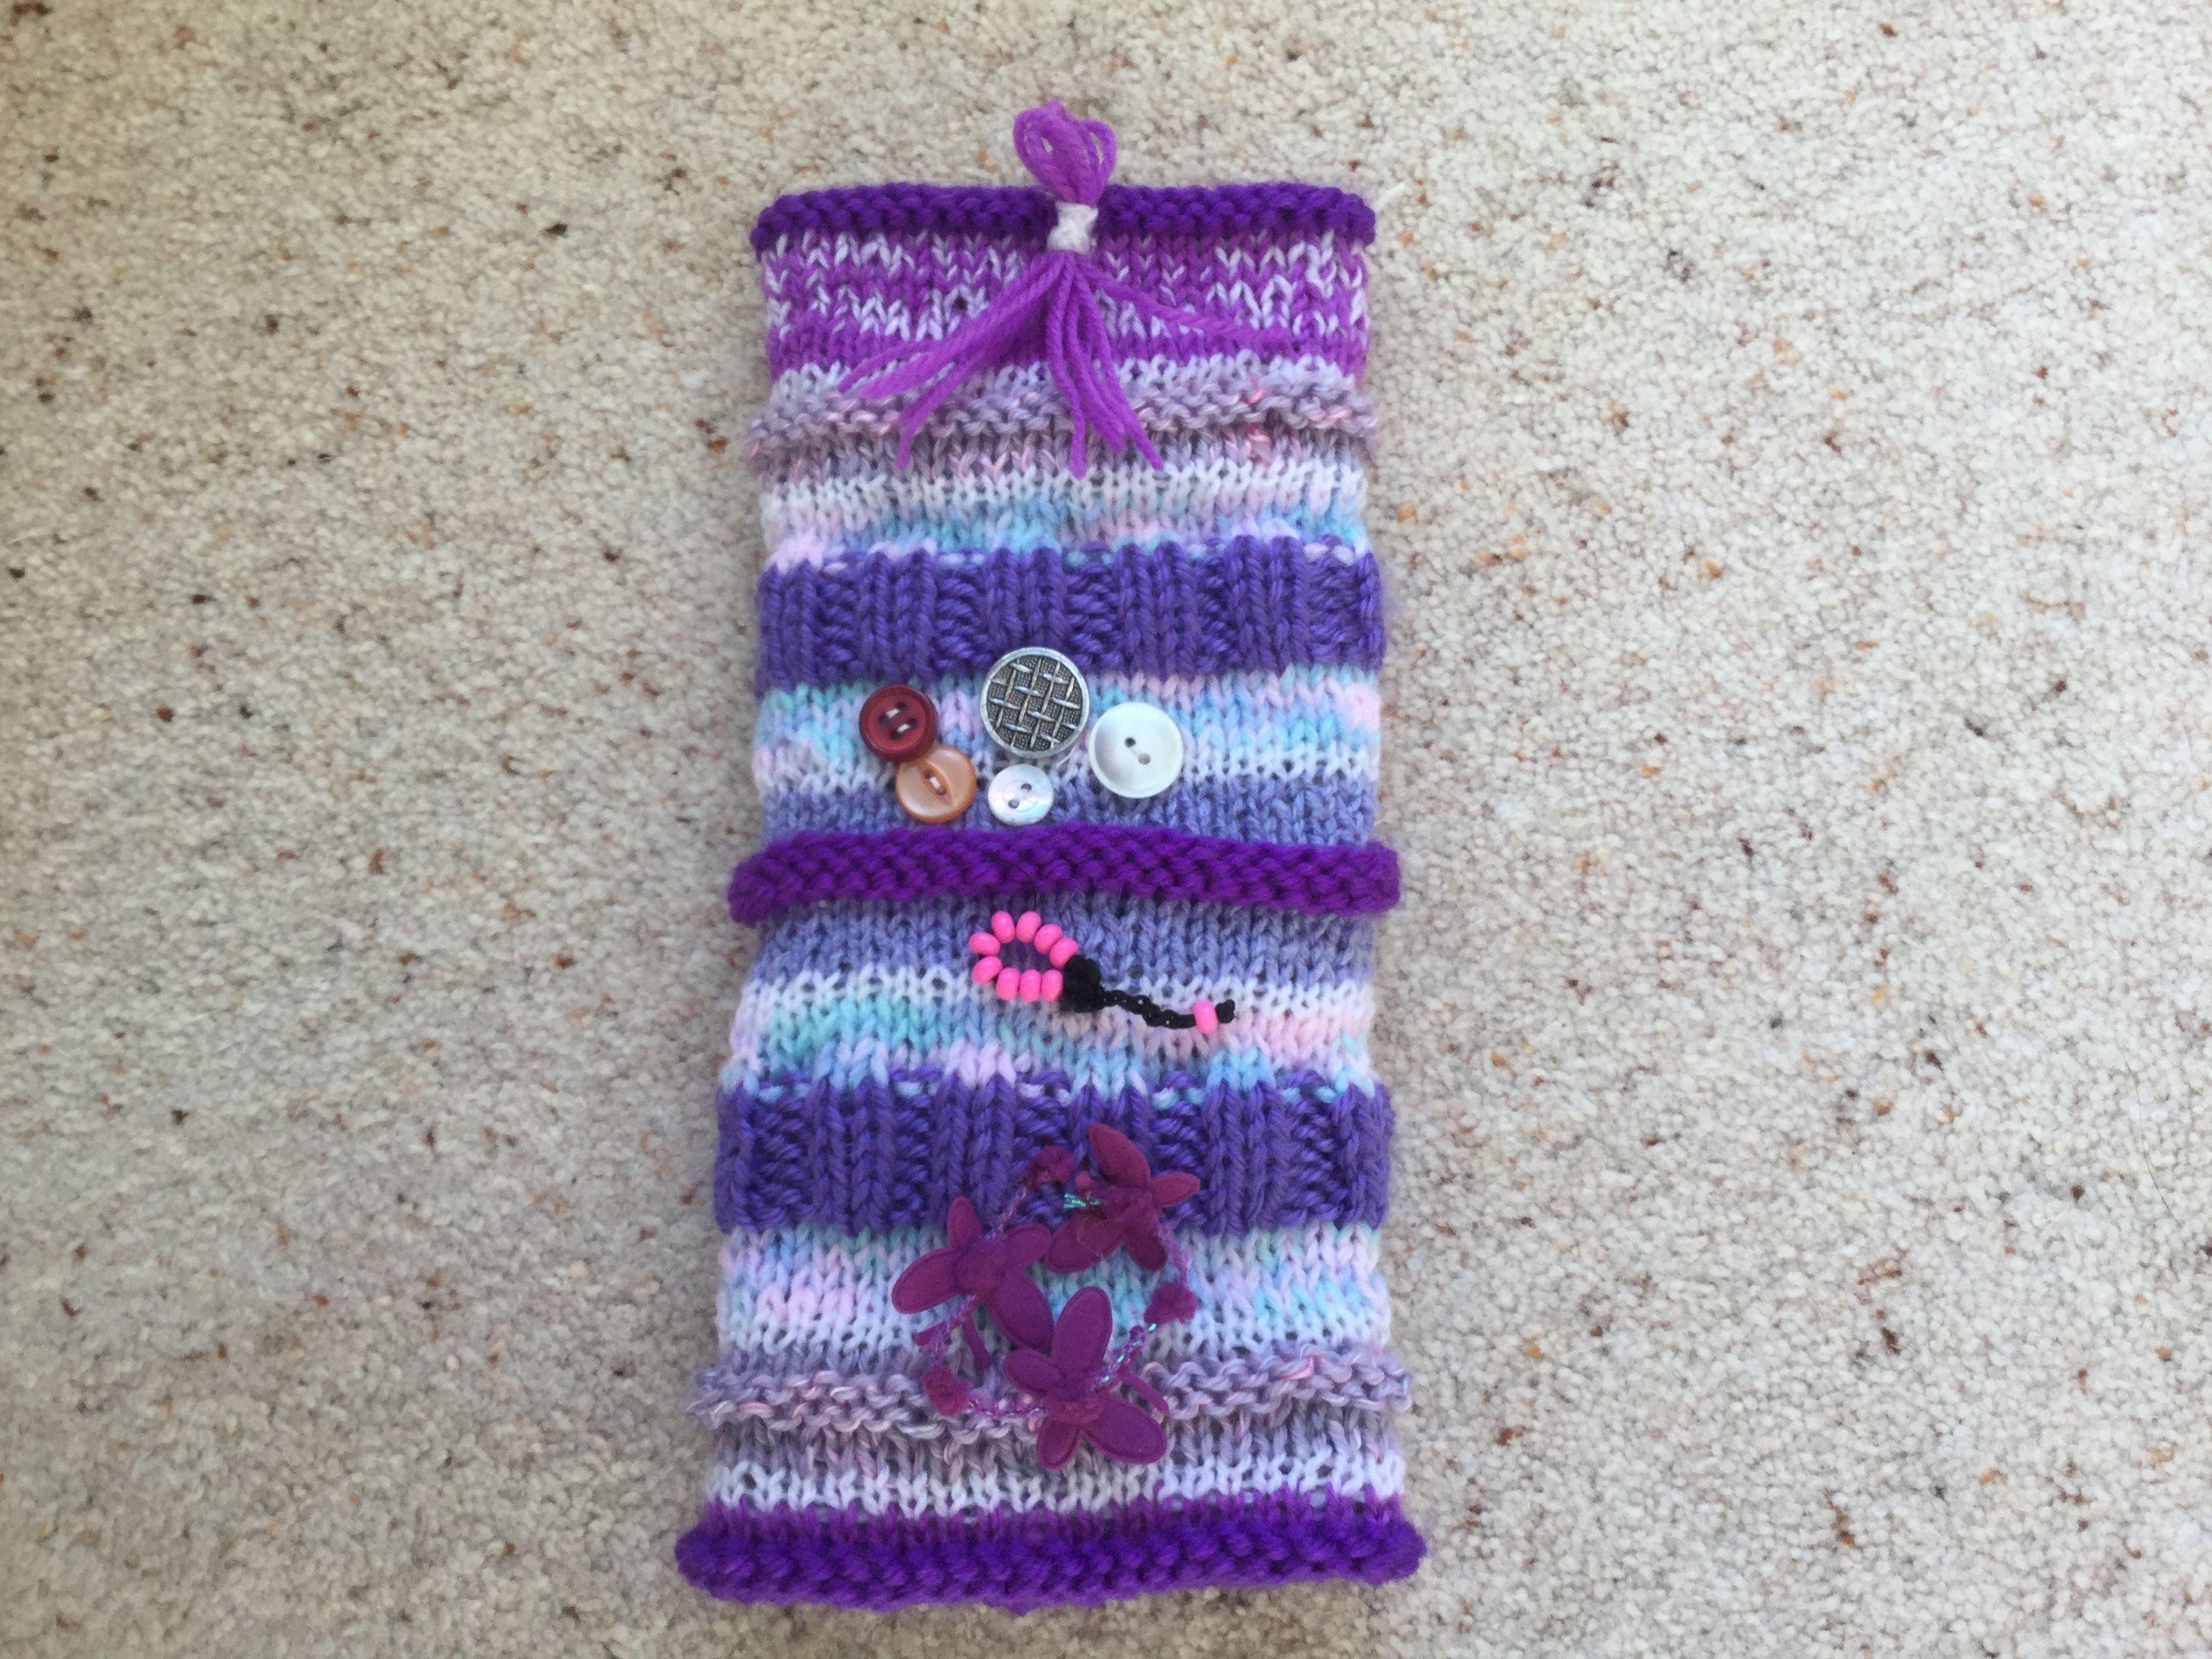 Knitted sensory muff, dementia | Twiddle muffs | Pinterest | Knit ...